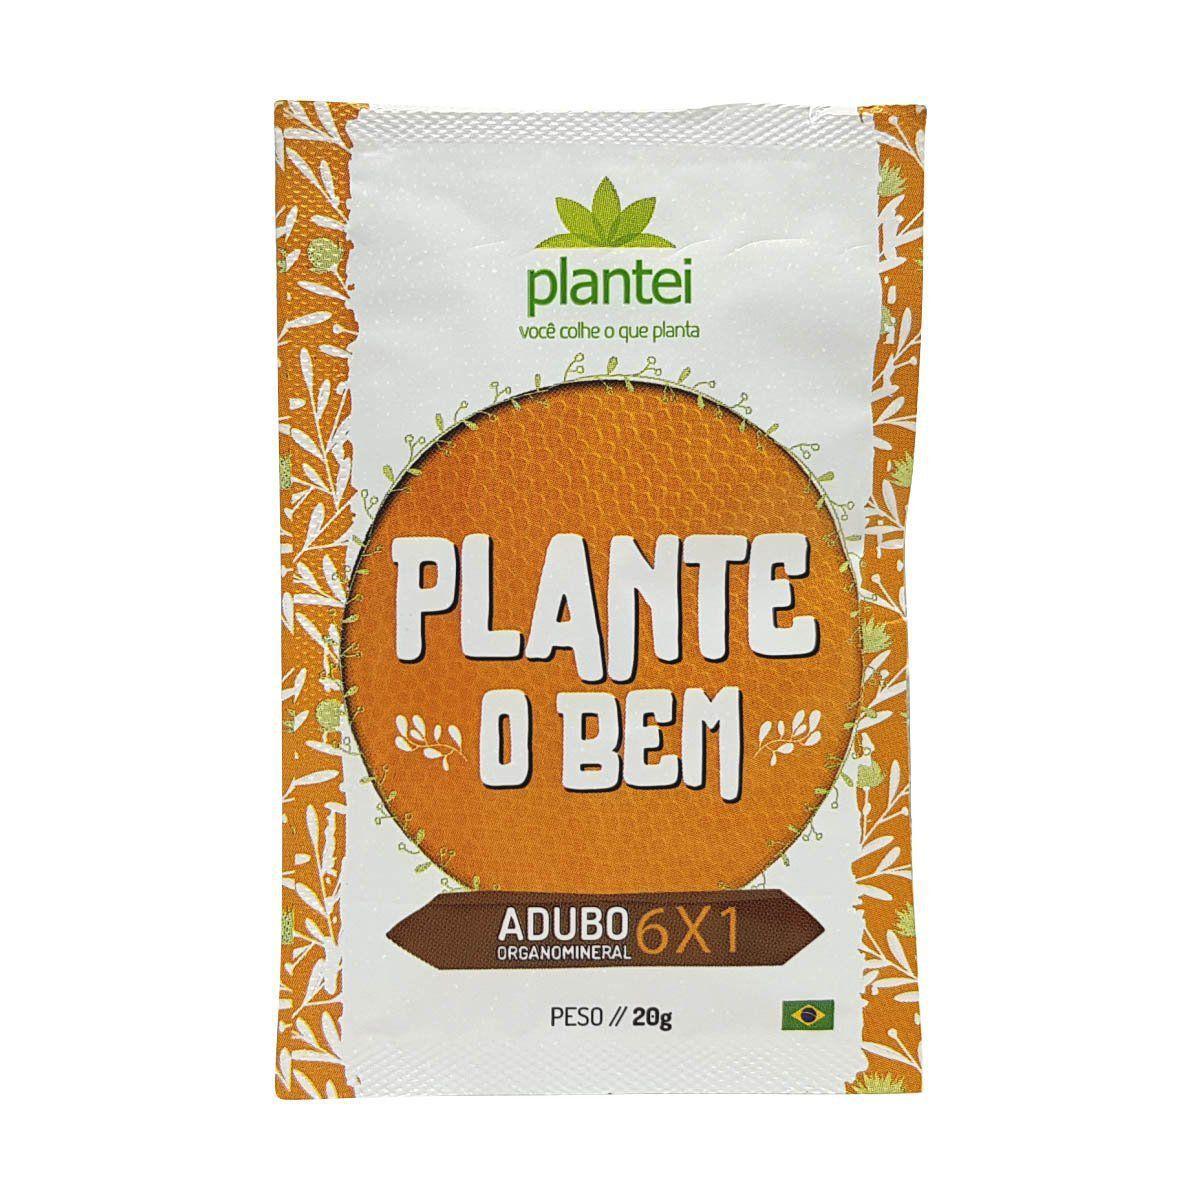 Kit com 50 sachês Adubo Plantei 6X1 sachê 20g - Fertilizante para todos os tipos de cultura